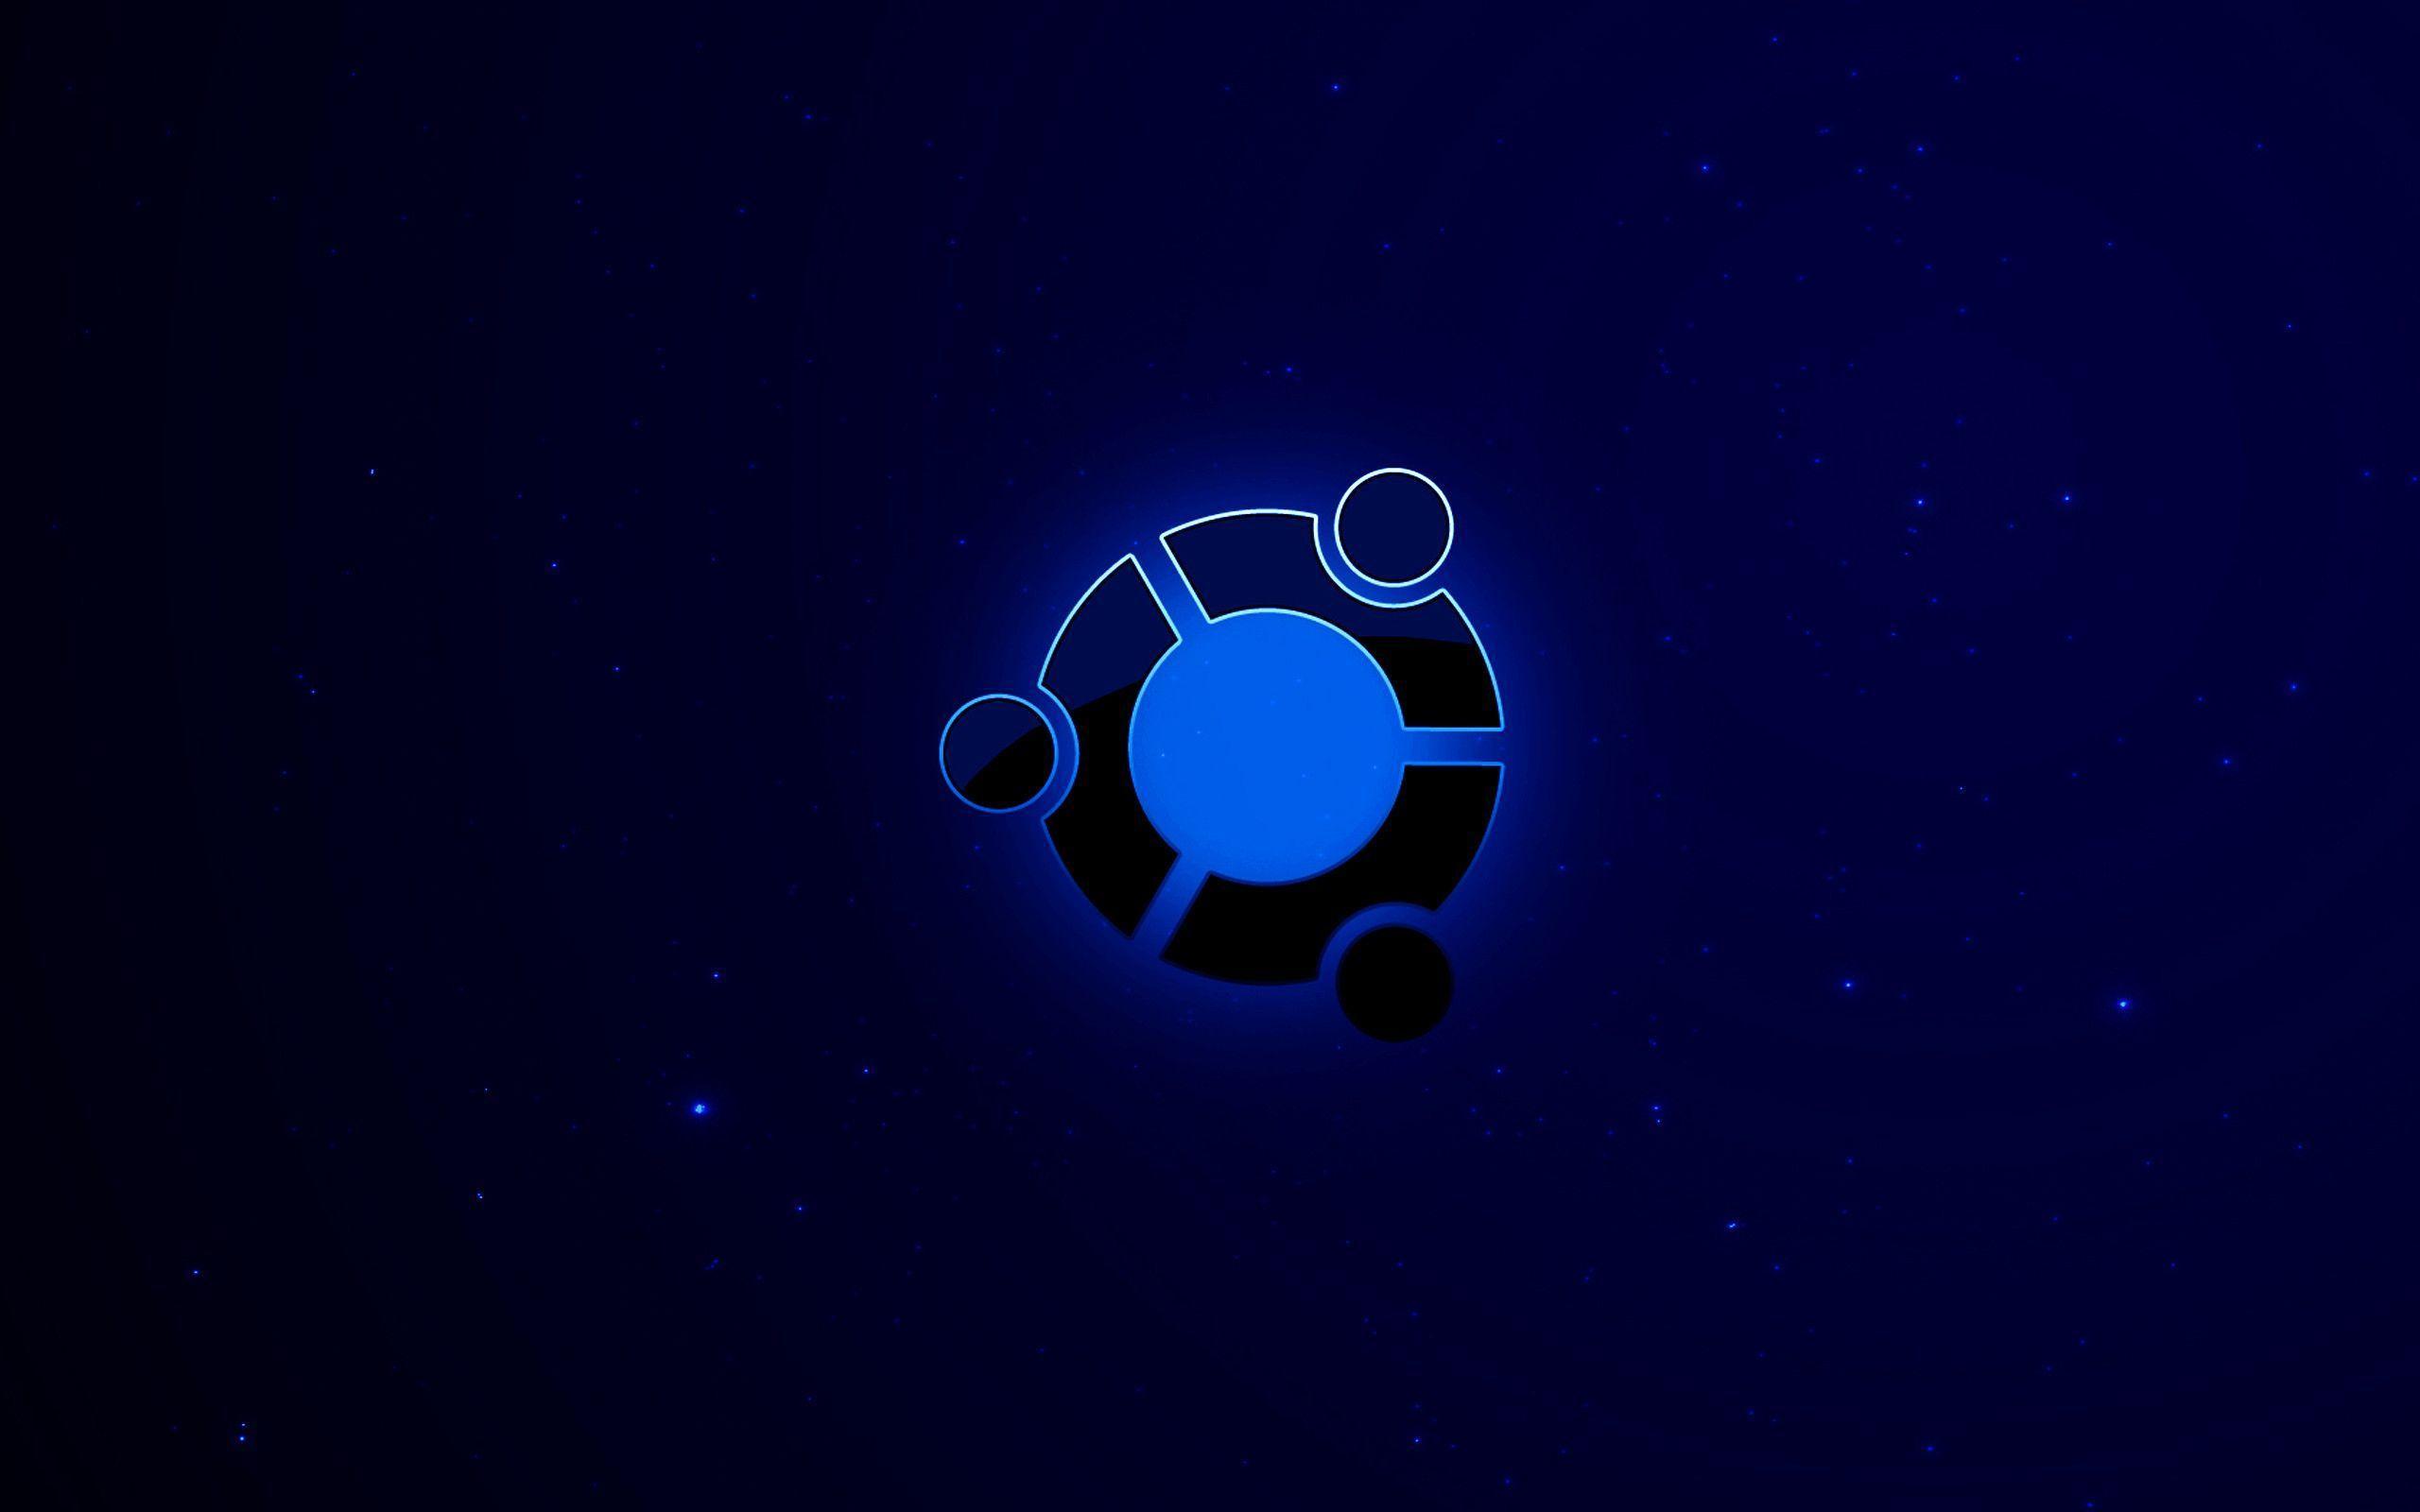 ubuntu linux wallpapers set 3 - photo #27